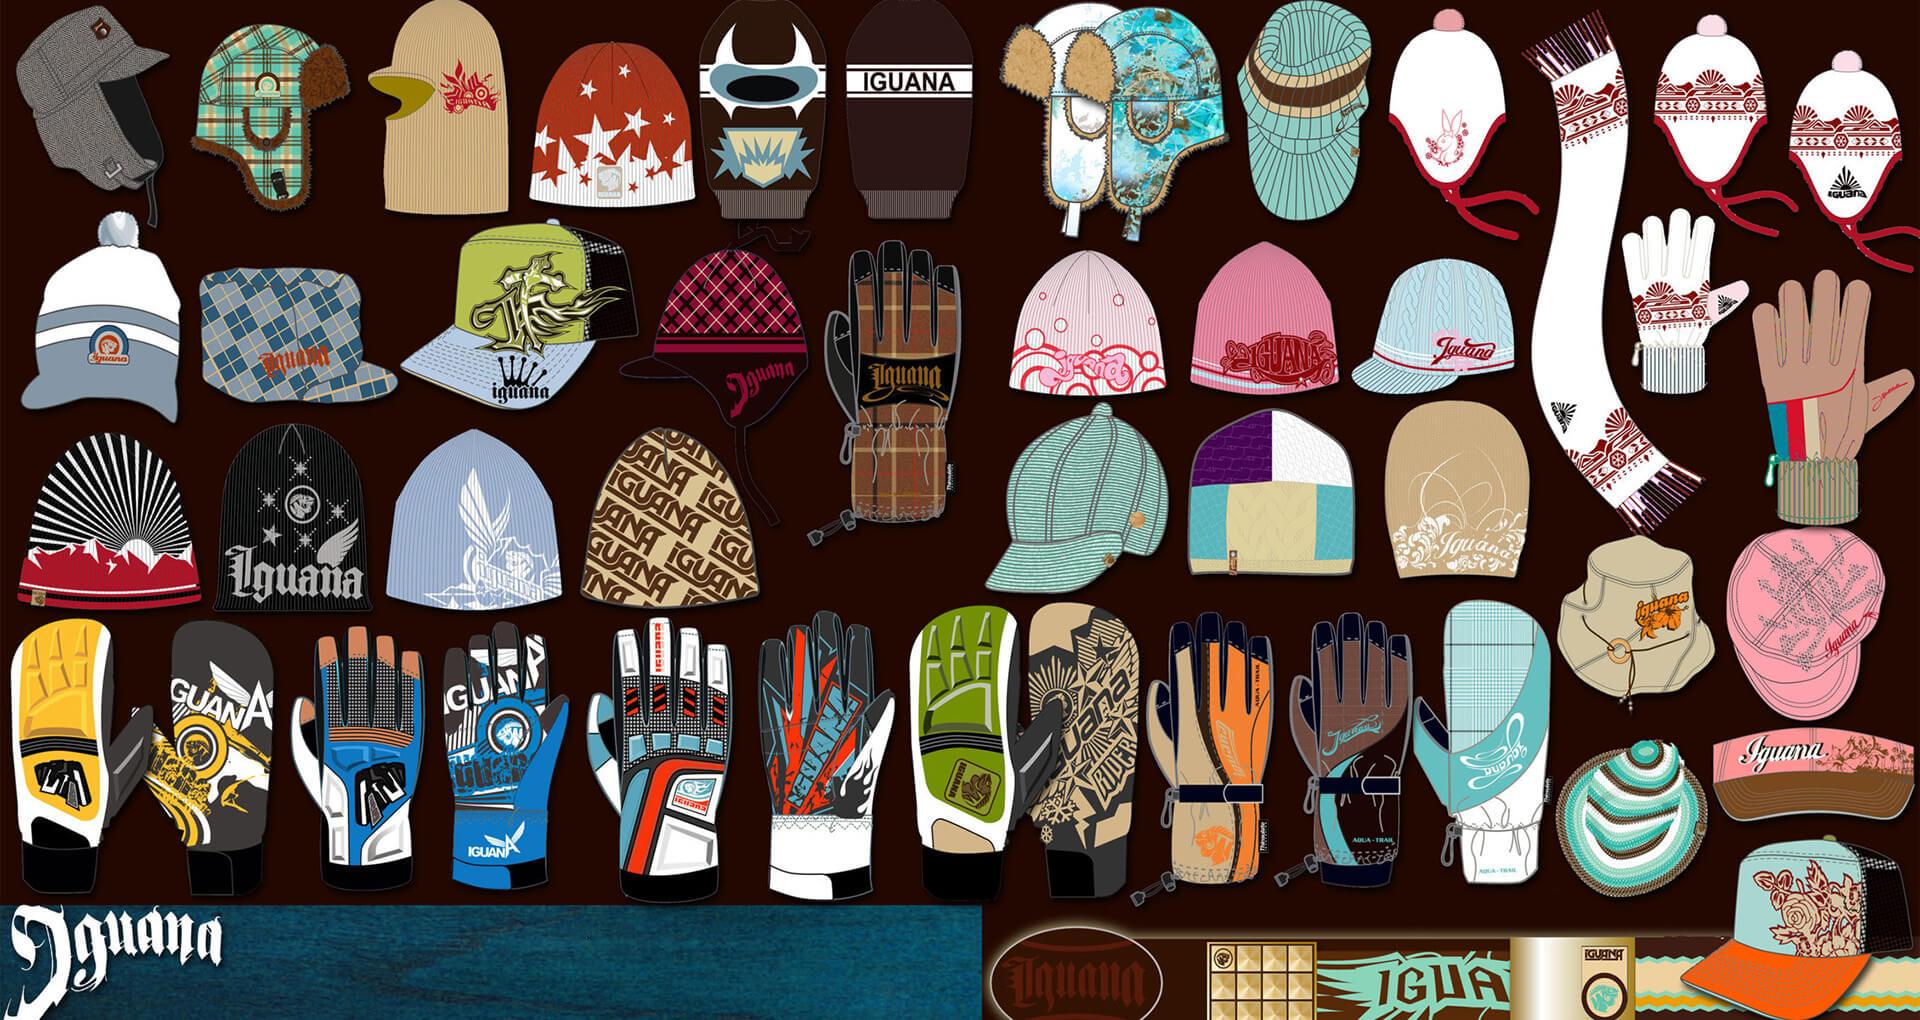 produkt design münchen taschen accessories snowboards surfbaords hats gloves bags shoes sandals 7